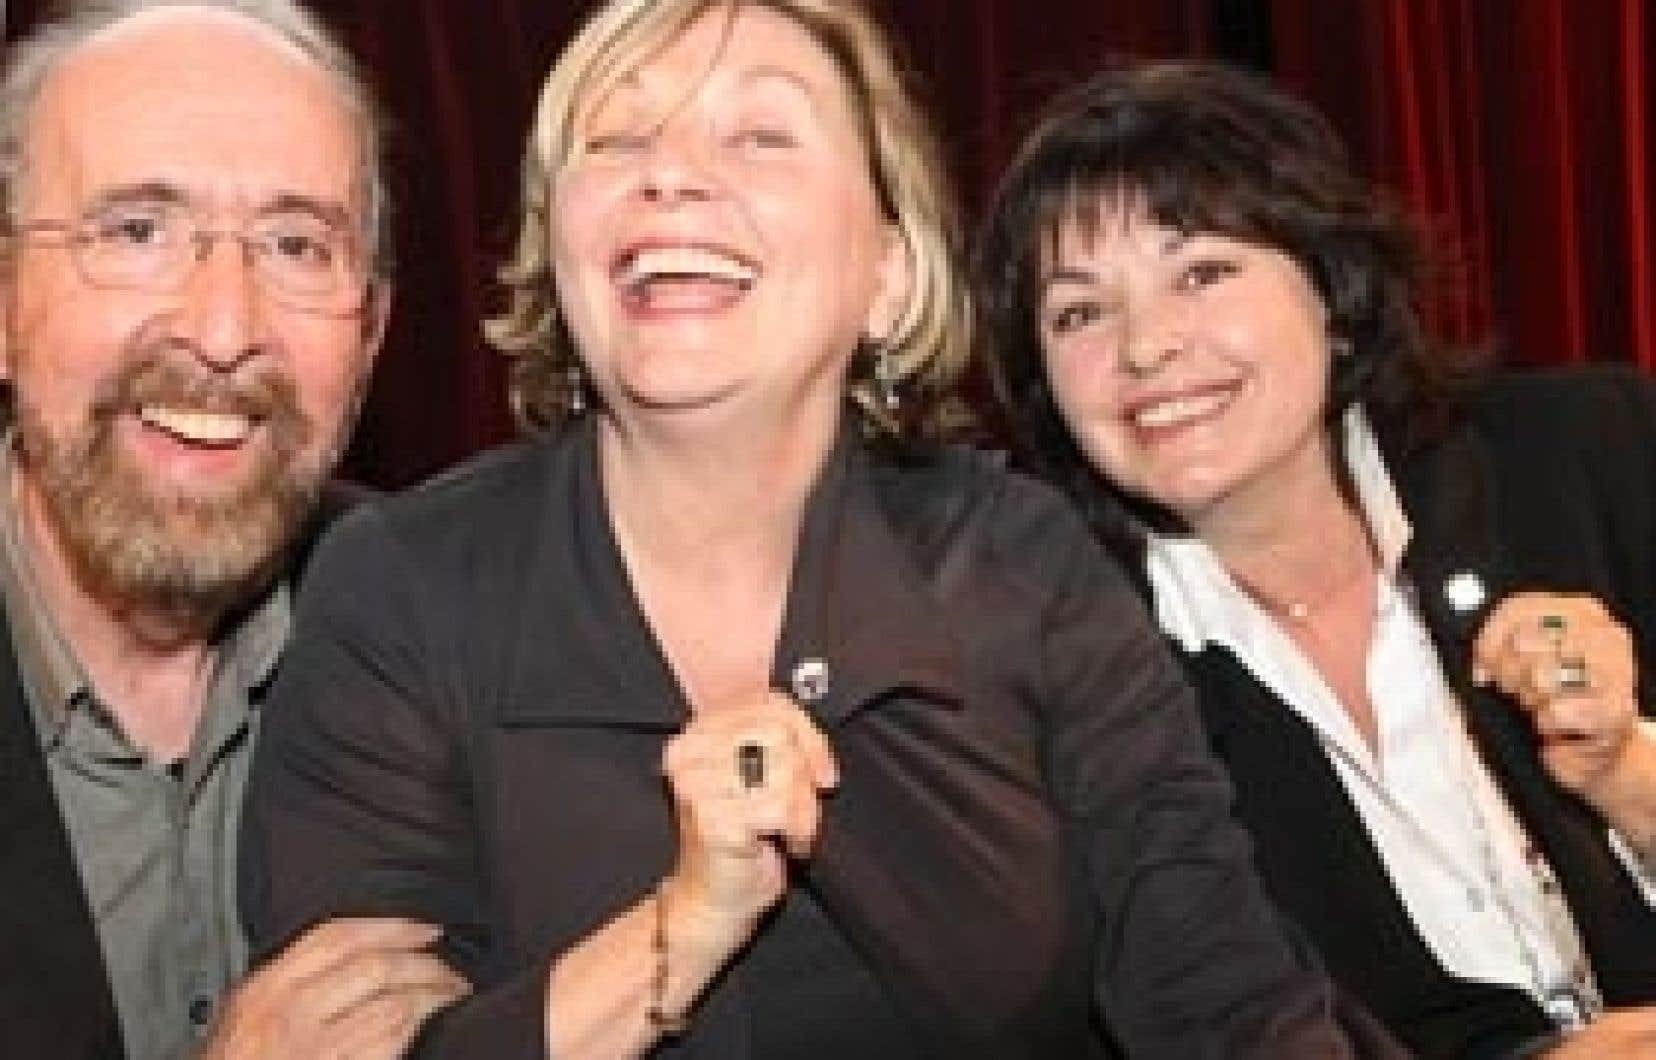 La campagne d'hier est portée par plusieurs personnalités publiques telles Gérard Larose, France Castel (qui agit comme porte-parole nationale) et Louise Portal.